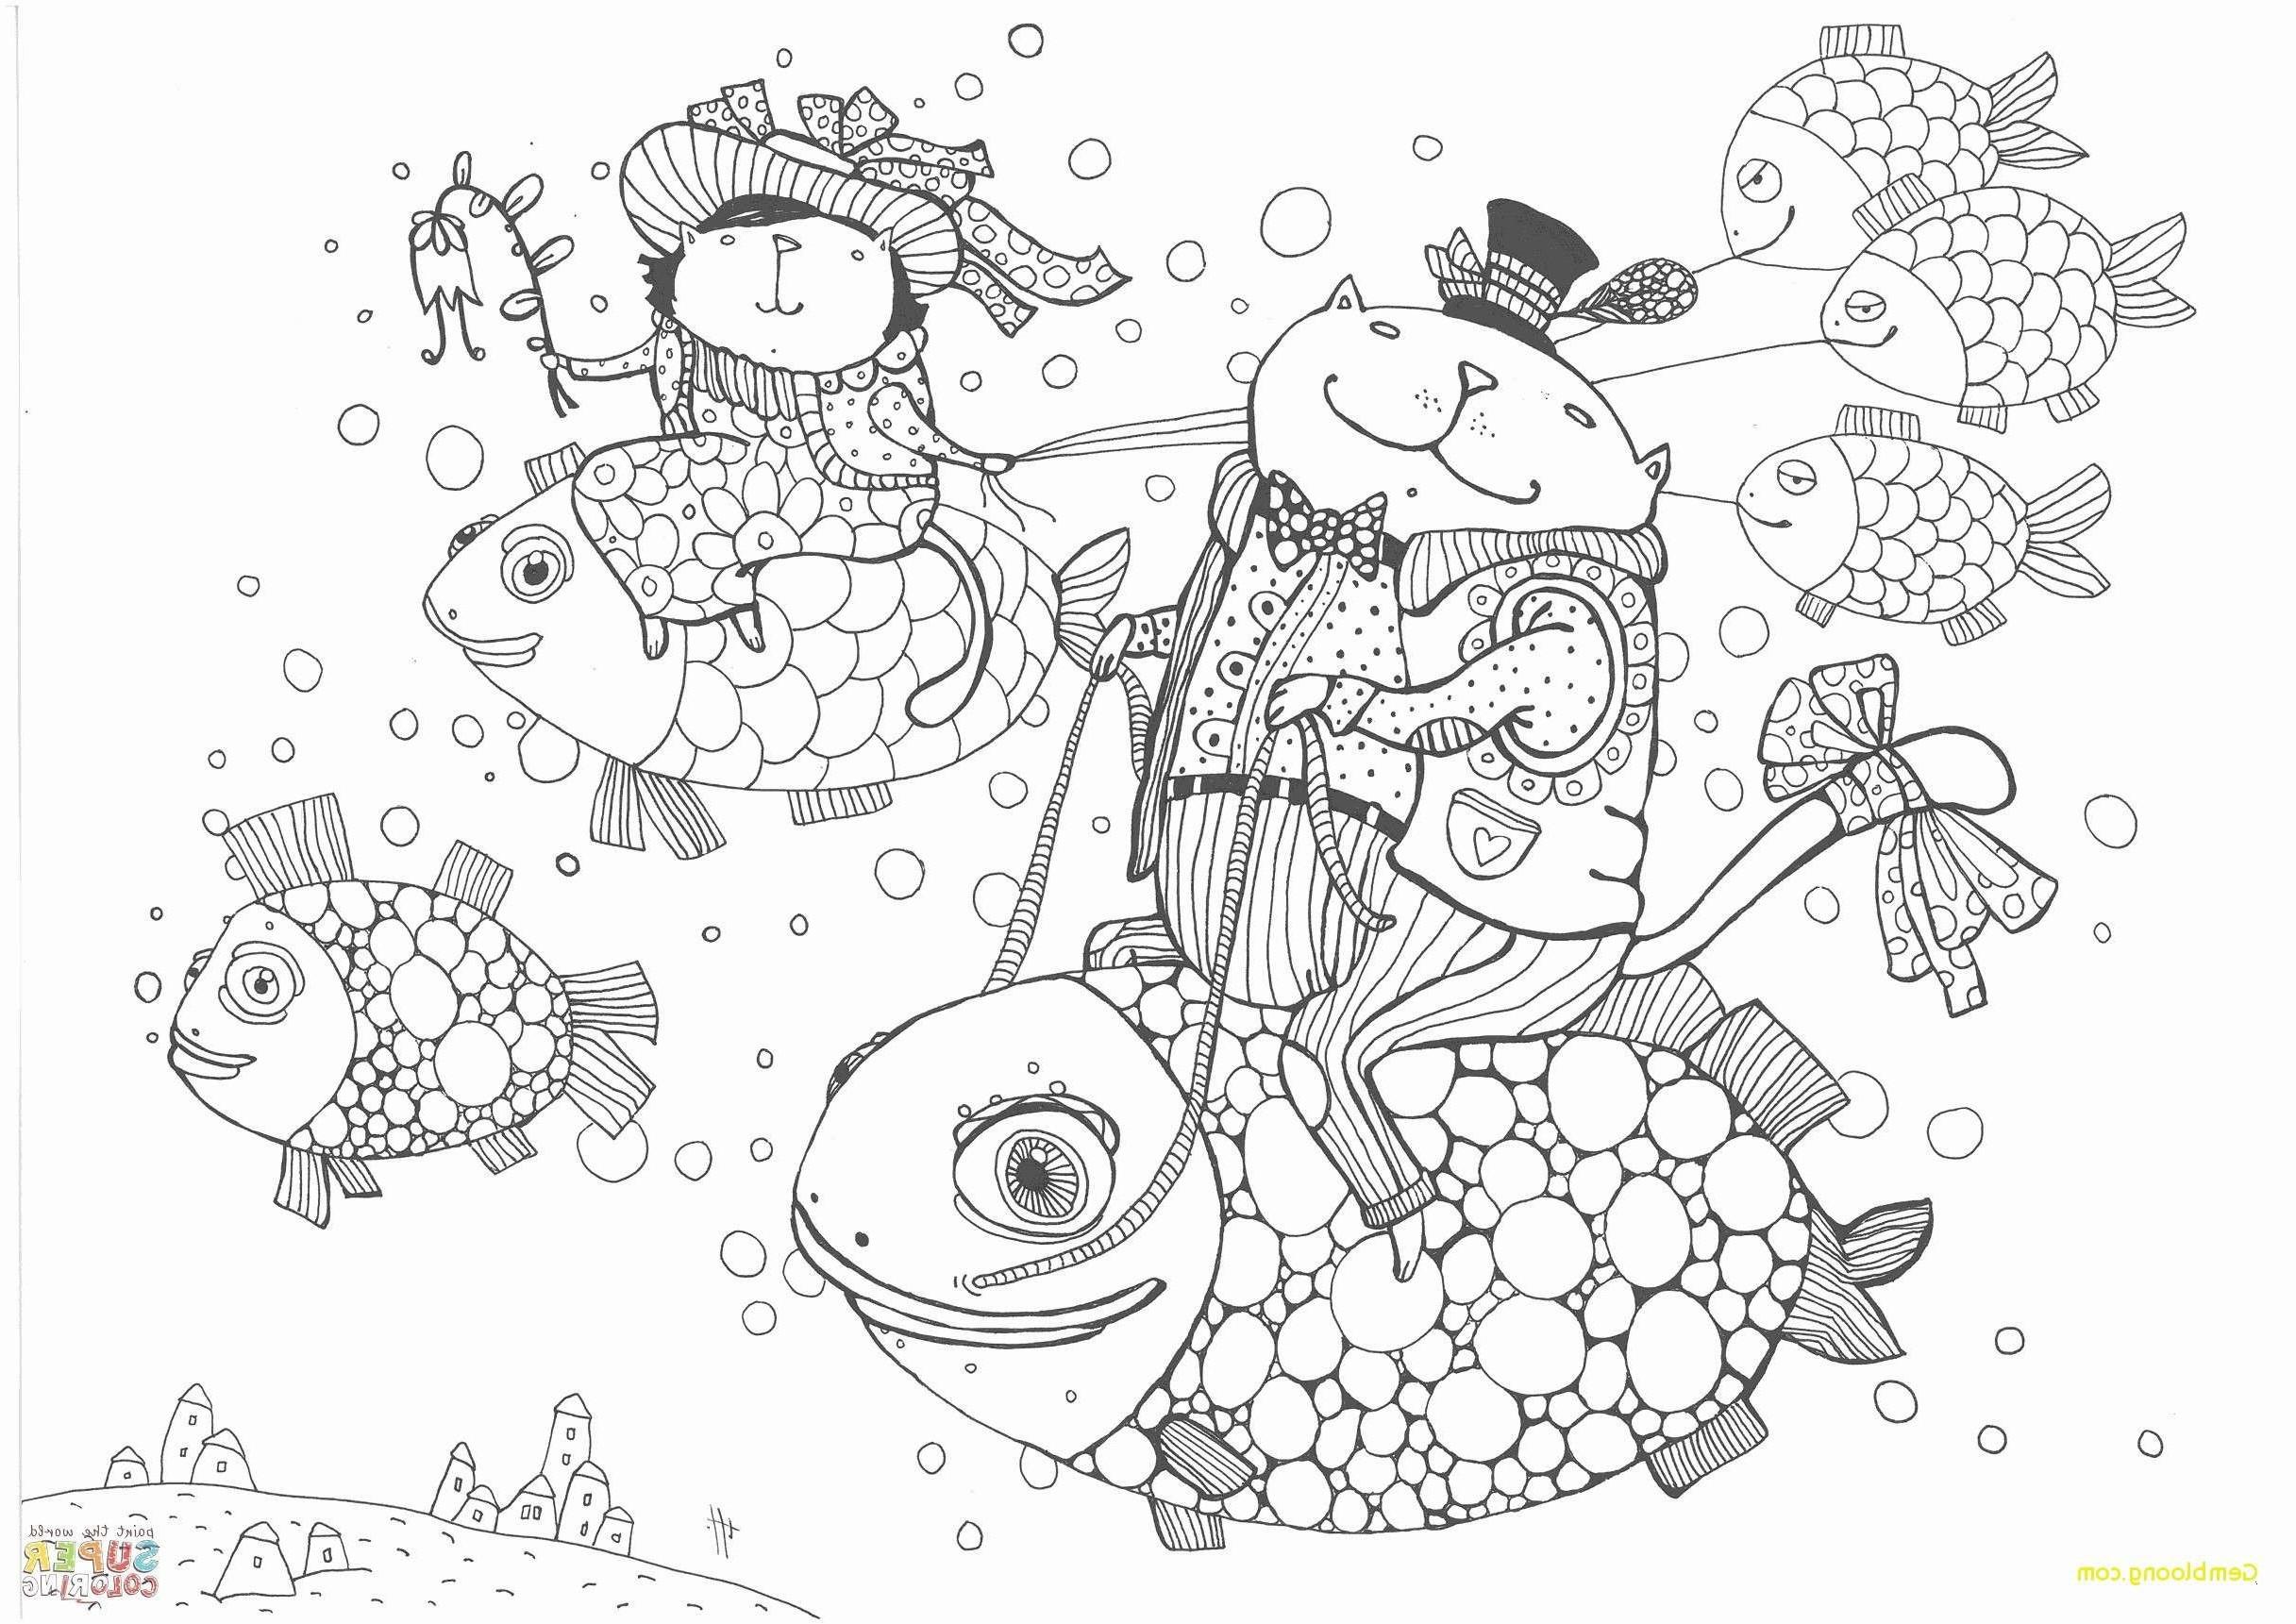 Rentier Zum Ausmalen Inspirierend 34 Einzigartig Ausmalbilder Kikaninchen – Malvorlagen Ideen Galerie